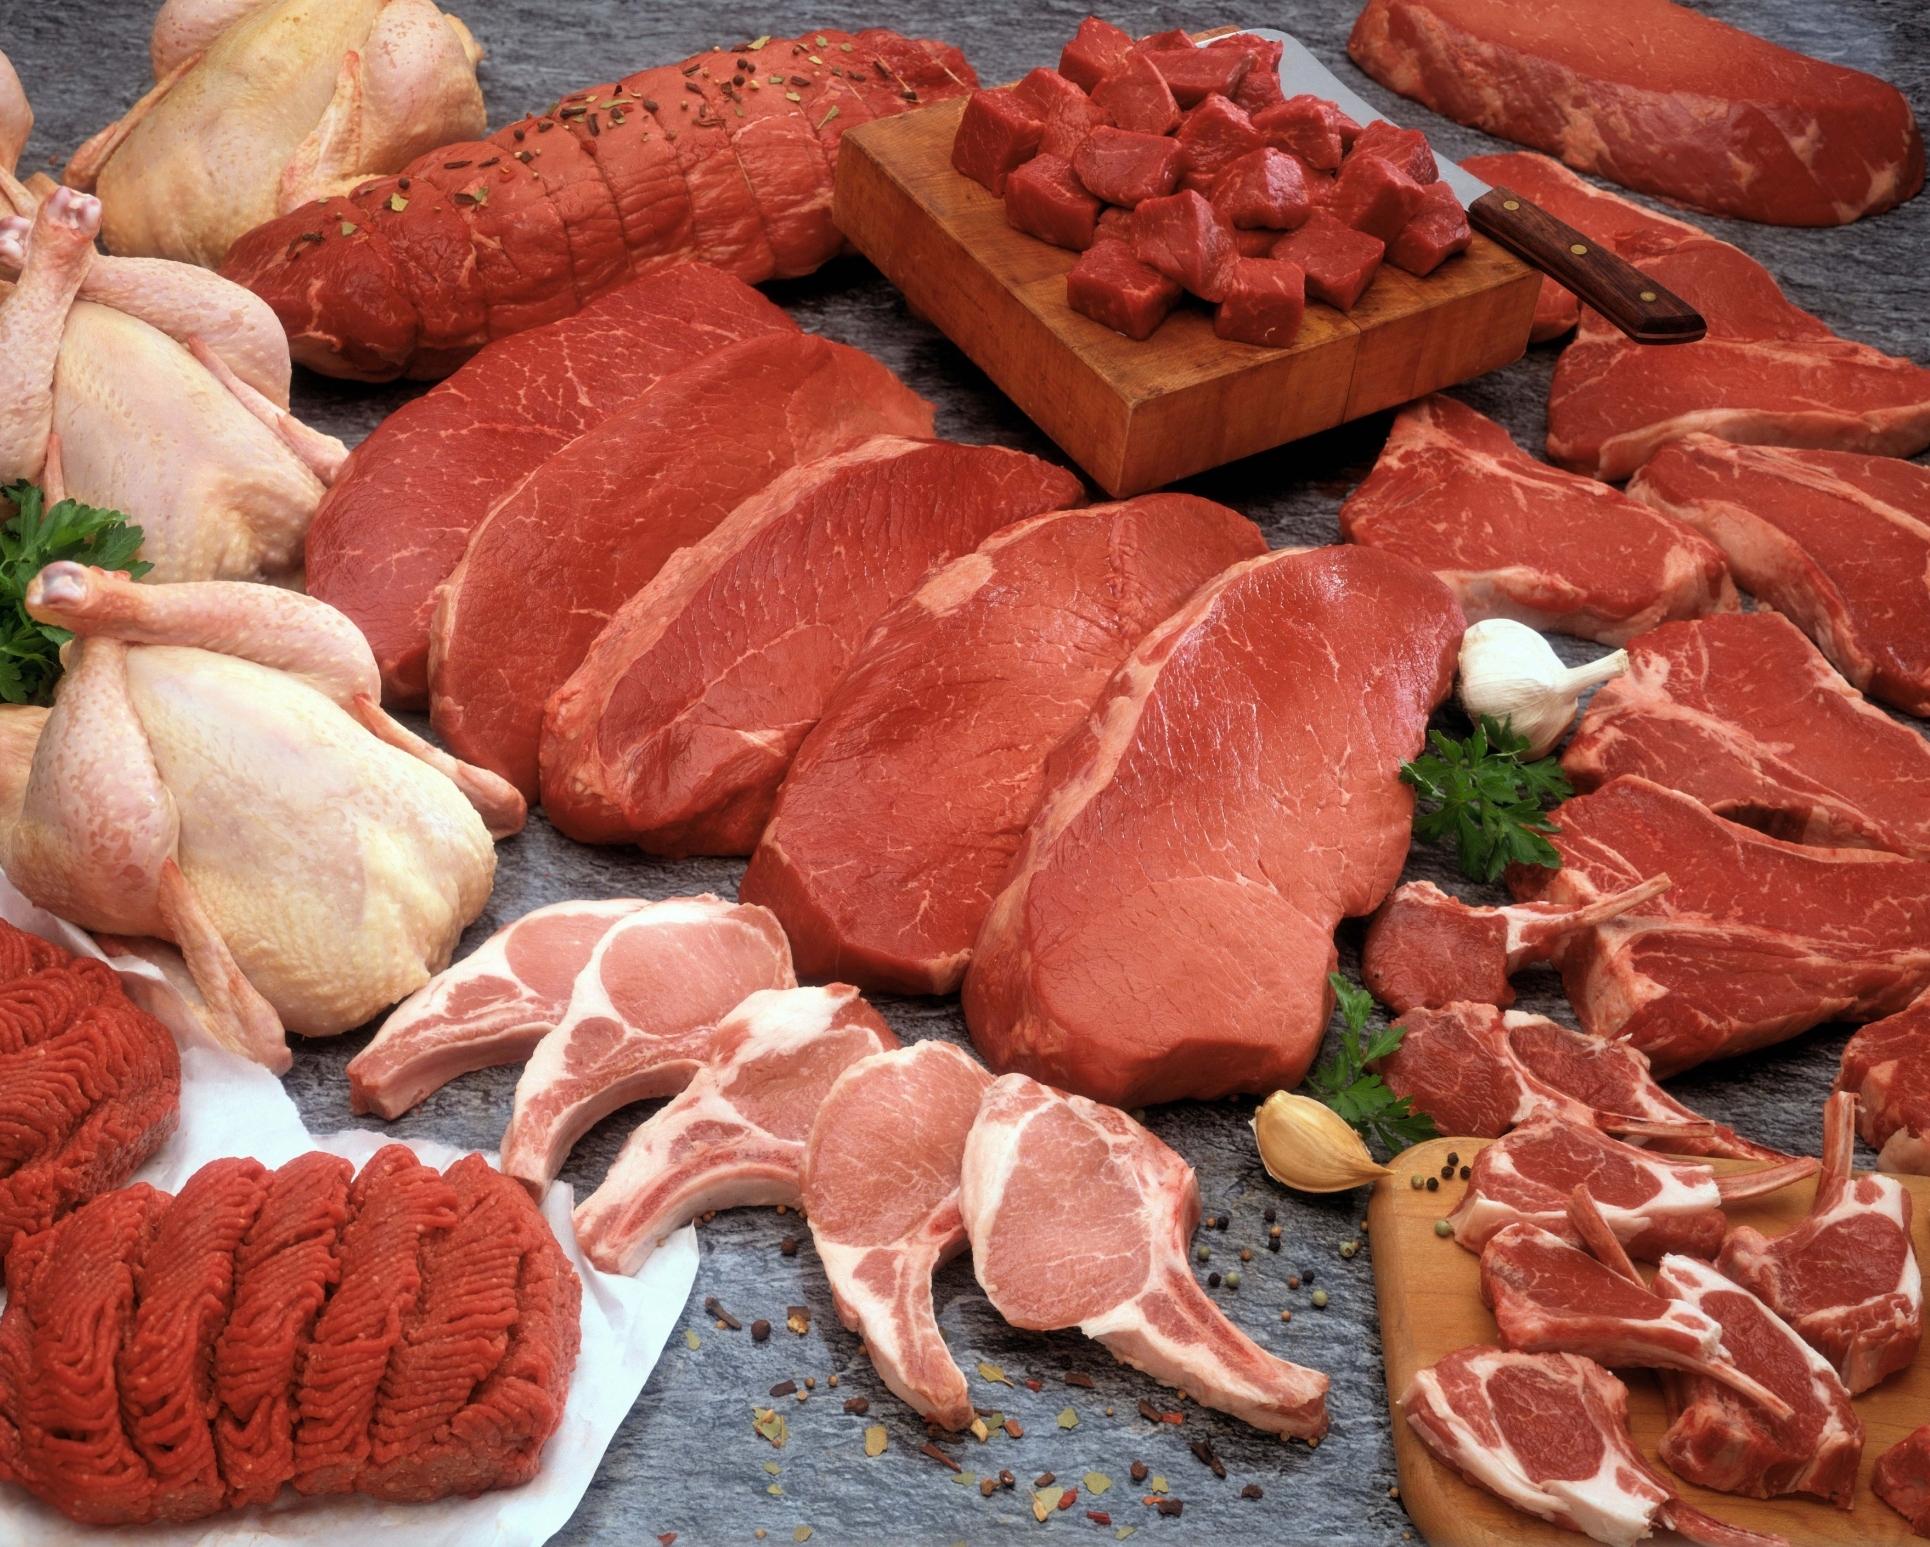 именно картинки мяса из животных изготовлен частной